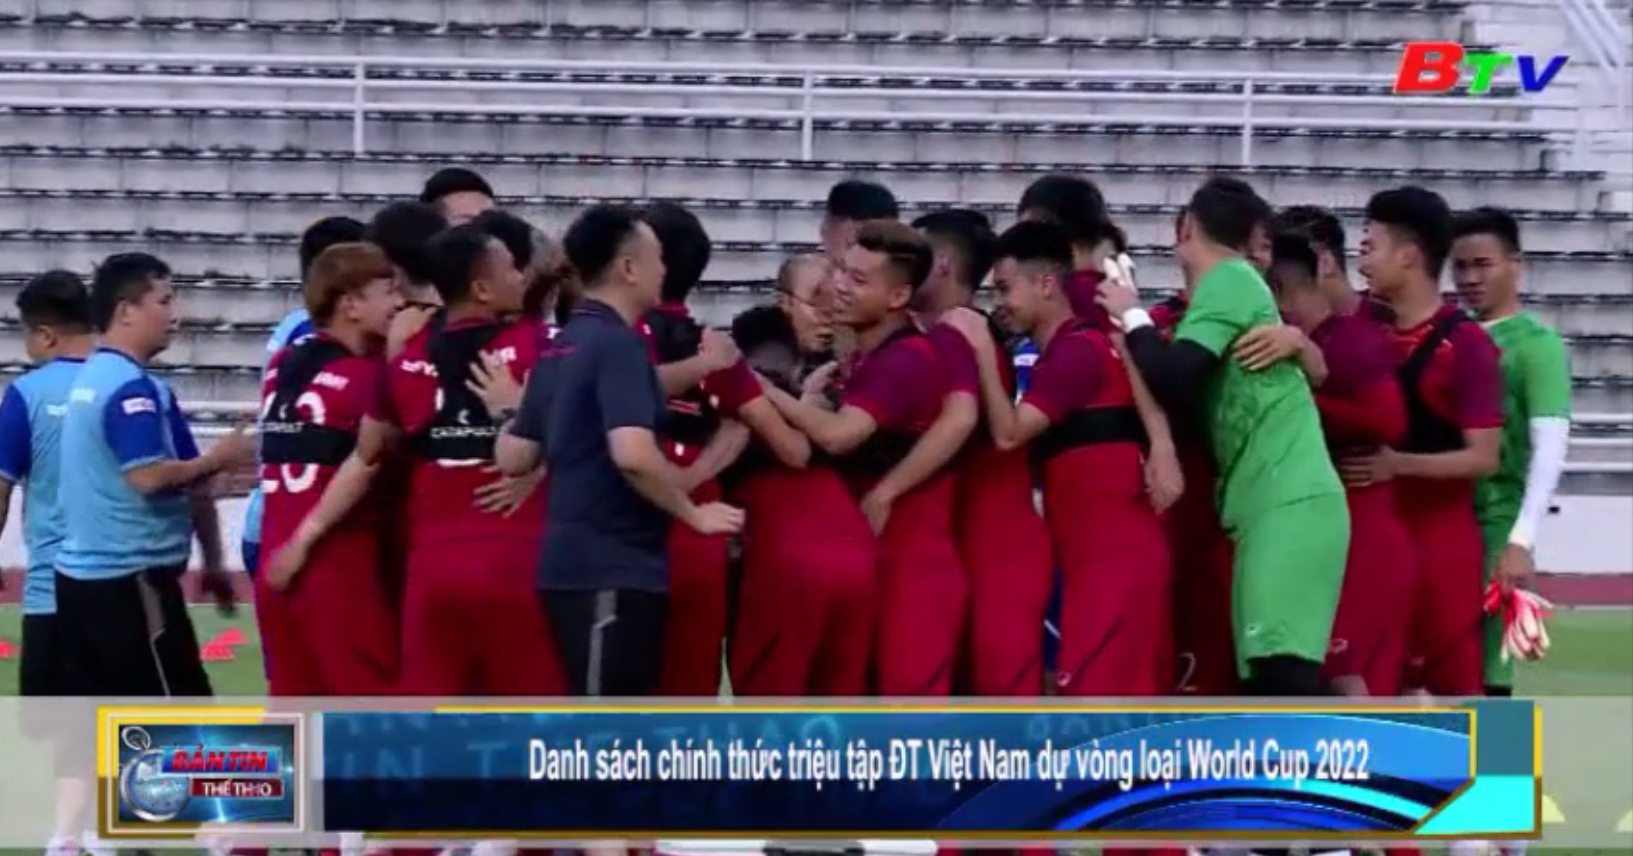 Danh sách chính thức triệu tập ĐT Việt Nam dự vòng loại World Cup 2022